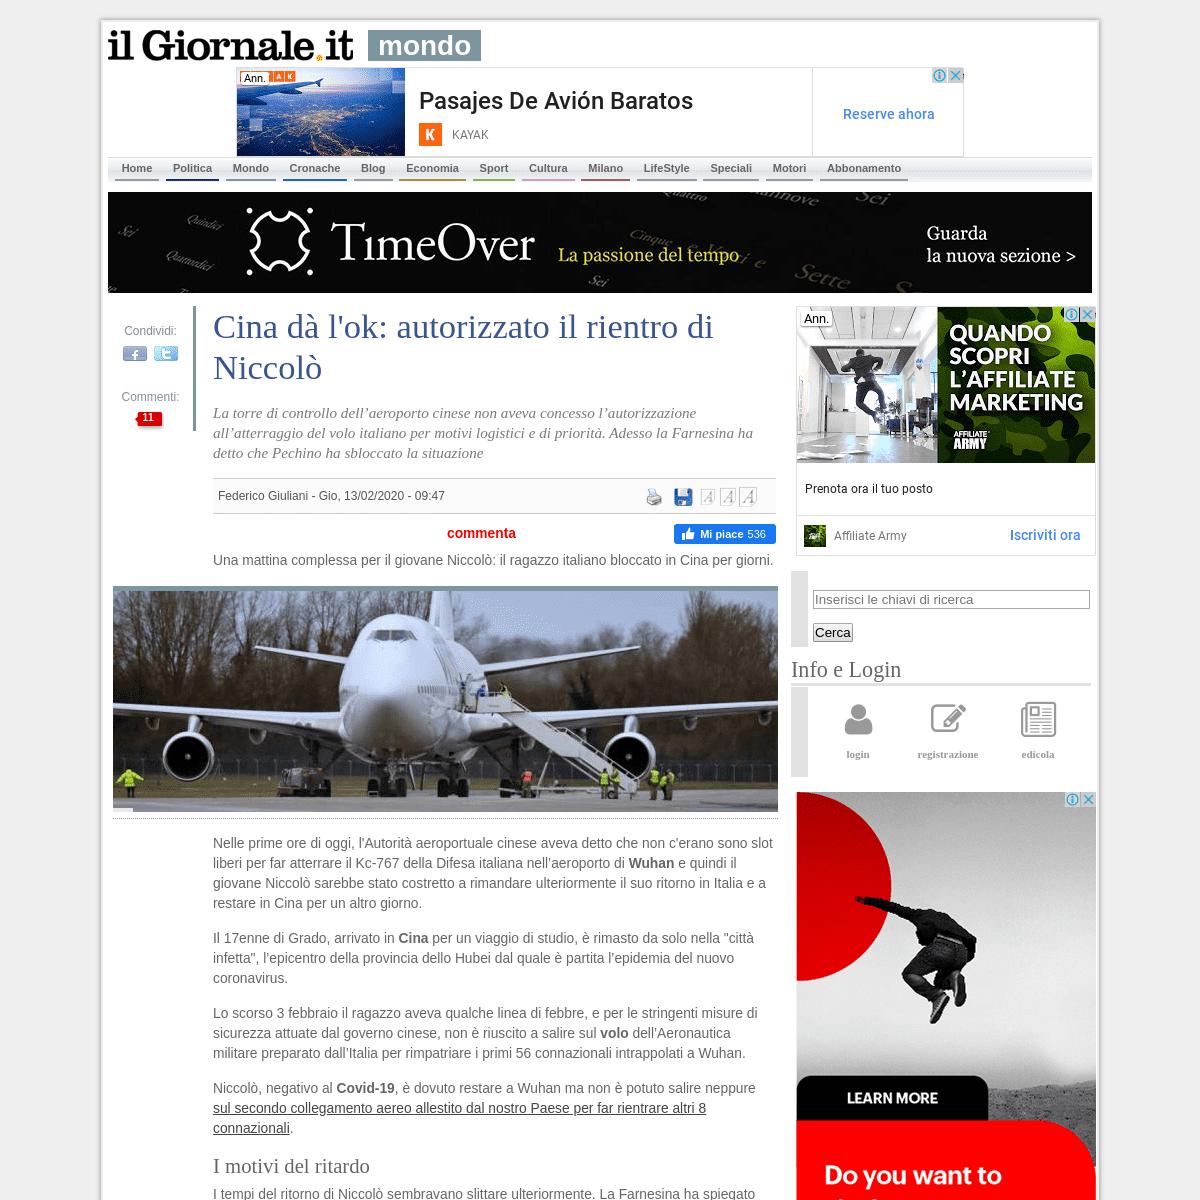 Cina dà l'ok- autorizzato il rientro di Niccolò - IlGiornale.it